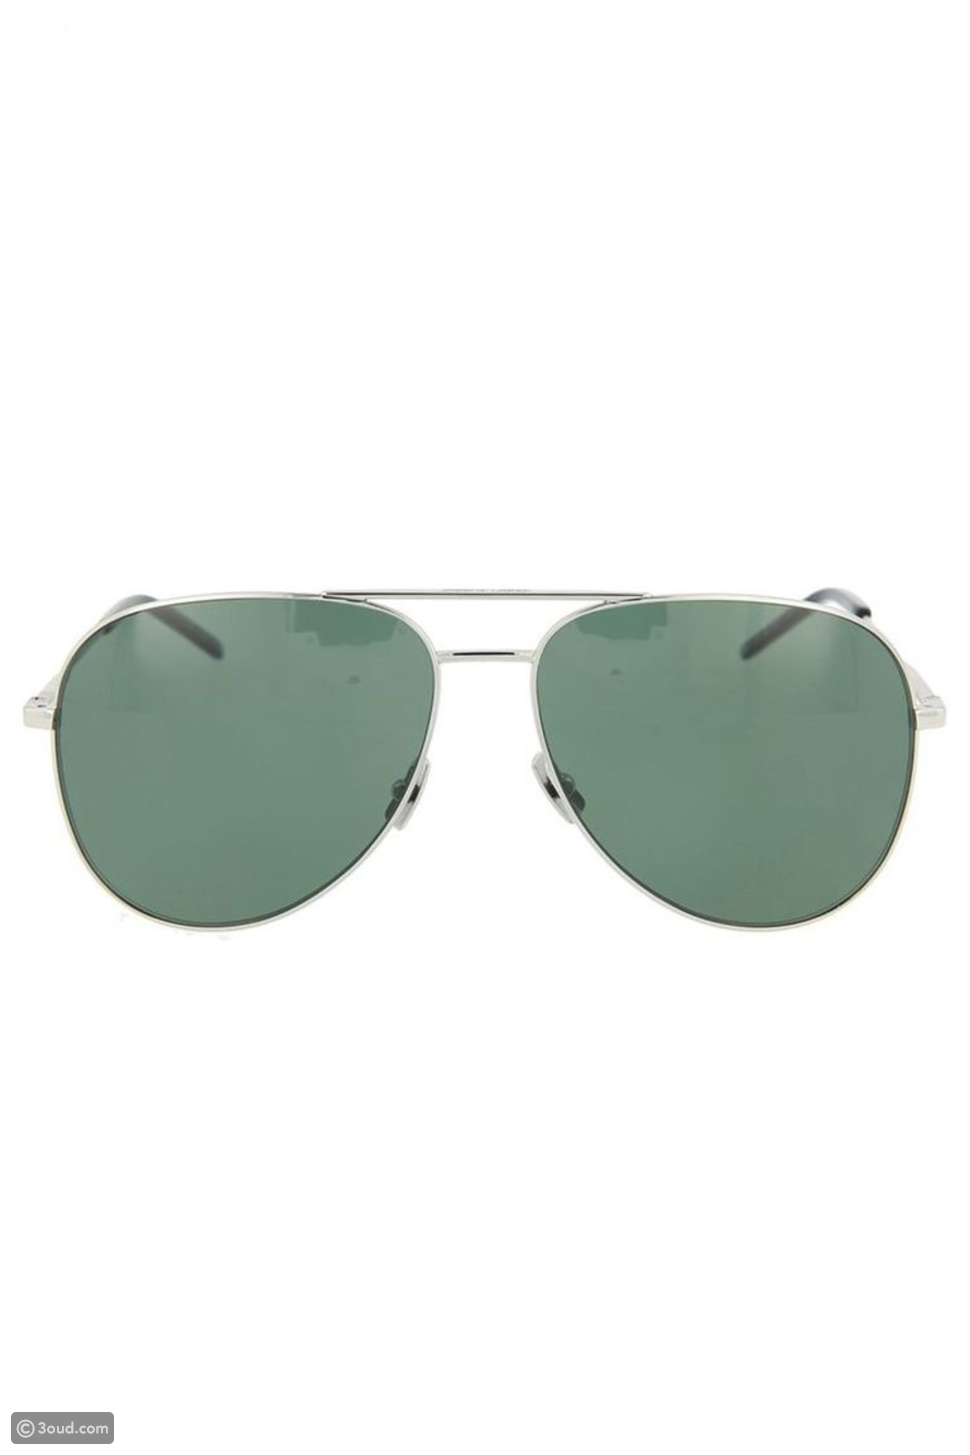 نظارات شمسية بأسعار معقولة لا تترددي في اقتنائها